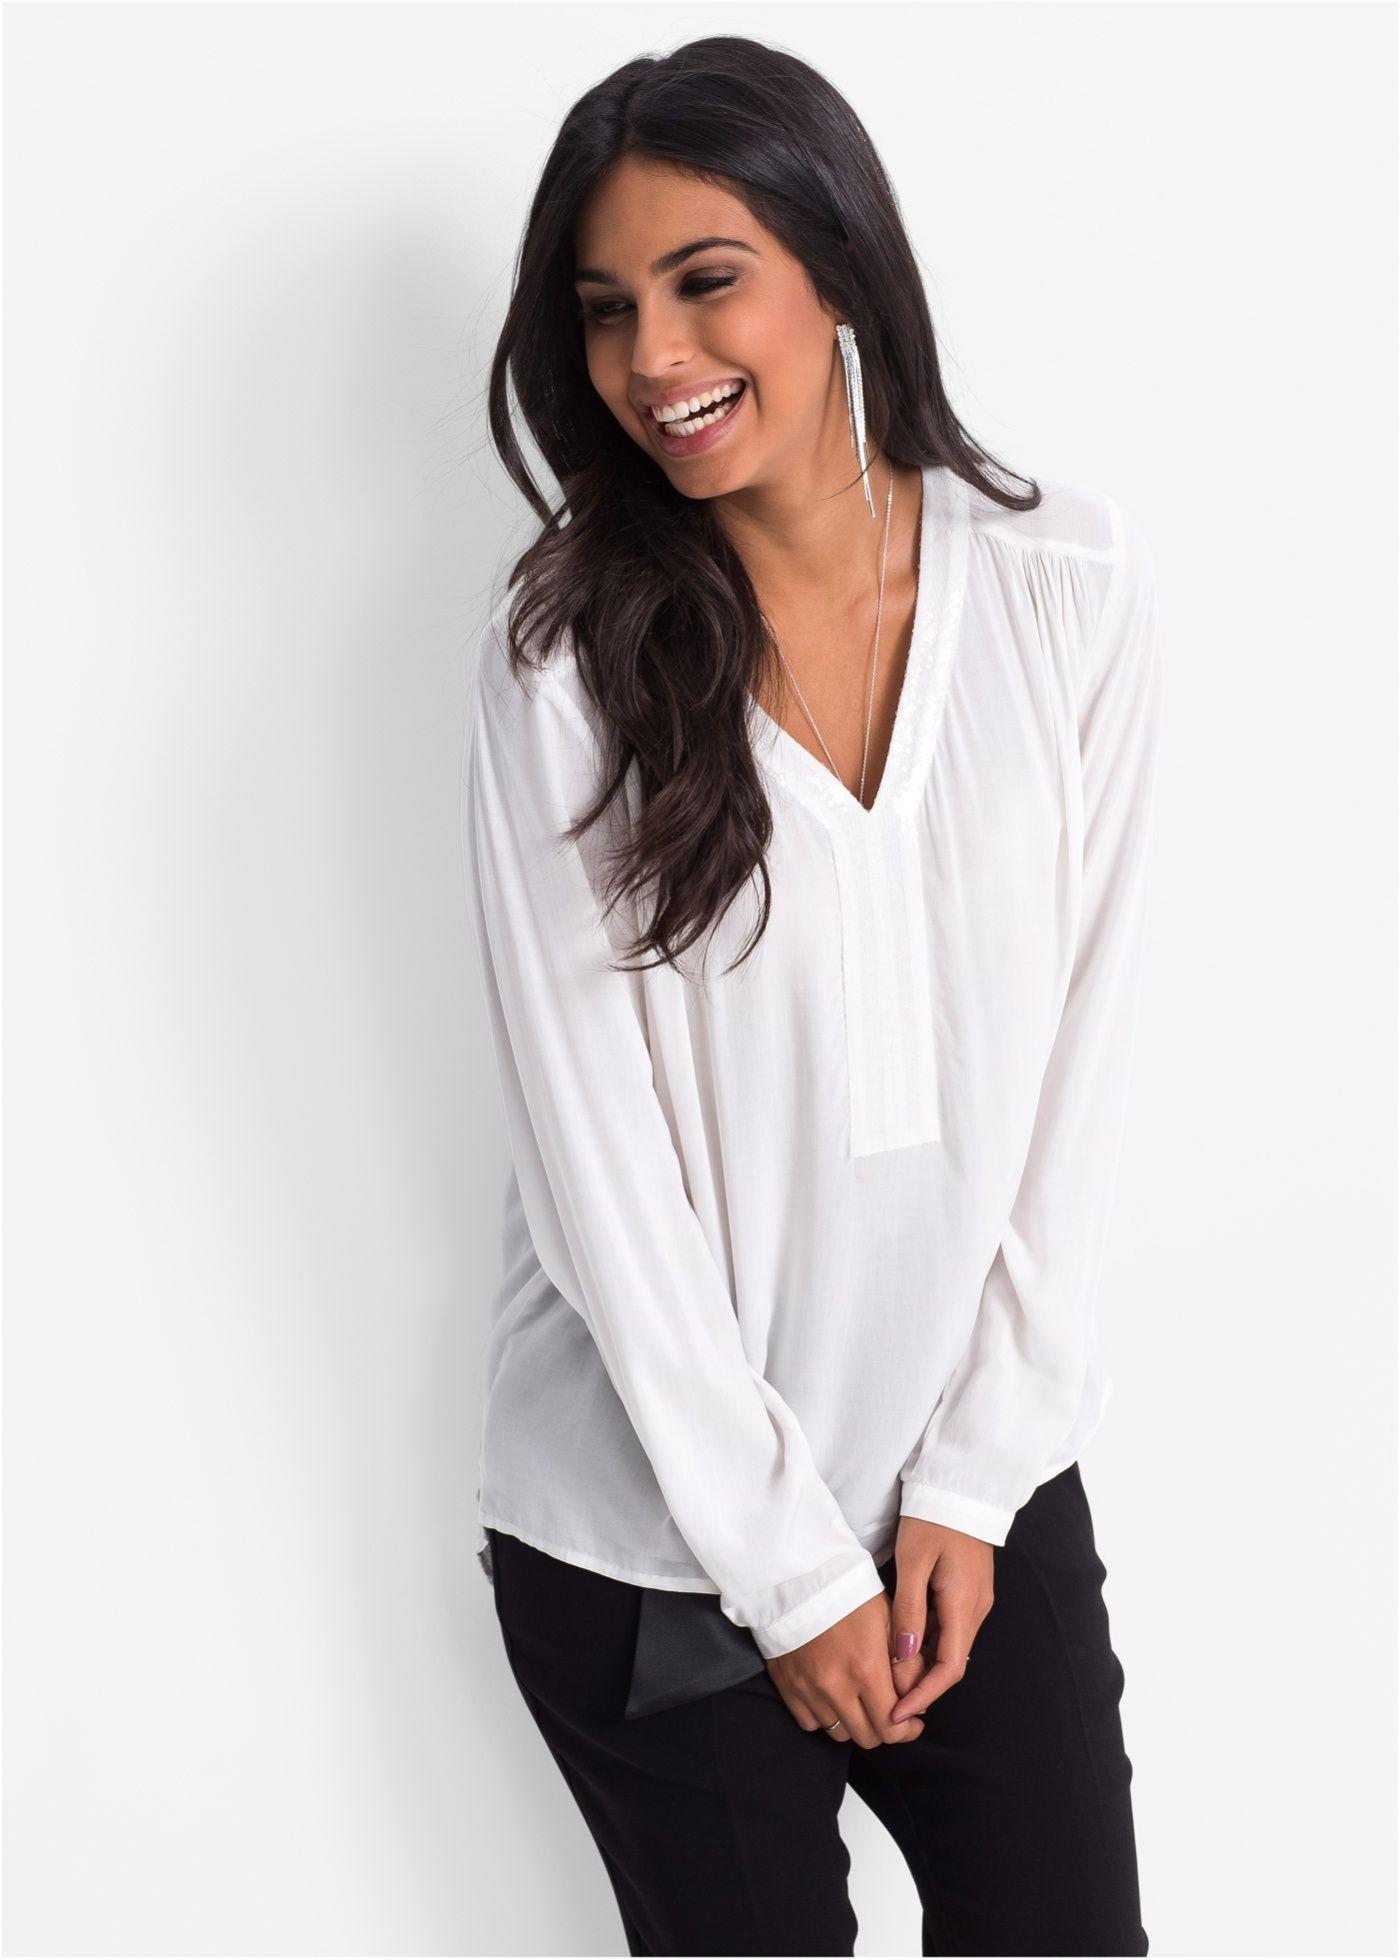 b3028f3452e2d8 Bluse mit Pailletten wollweiß jetzt im Online Shop von bonprix.de ab ? 16,